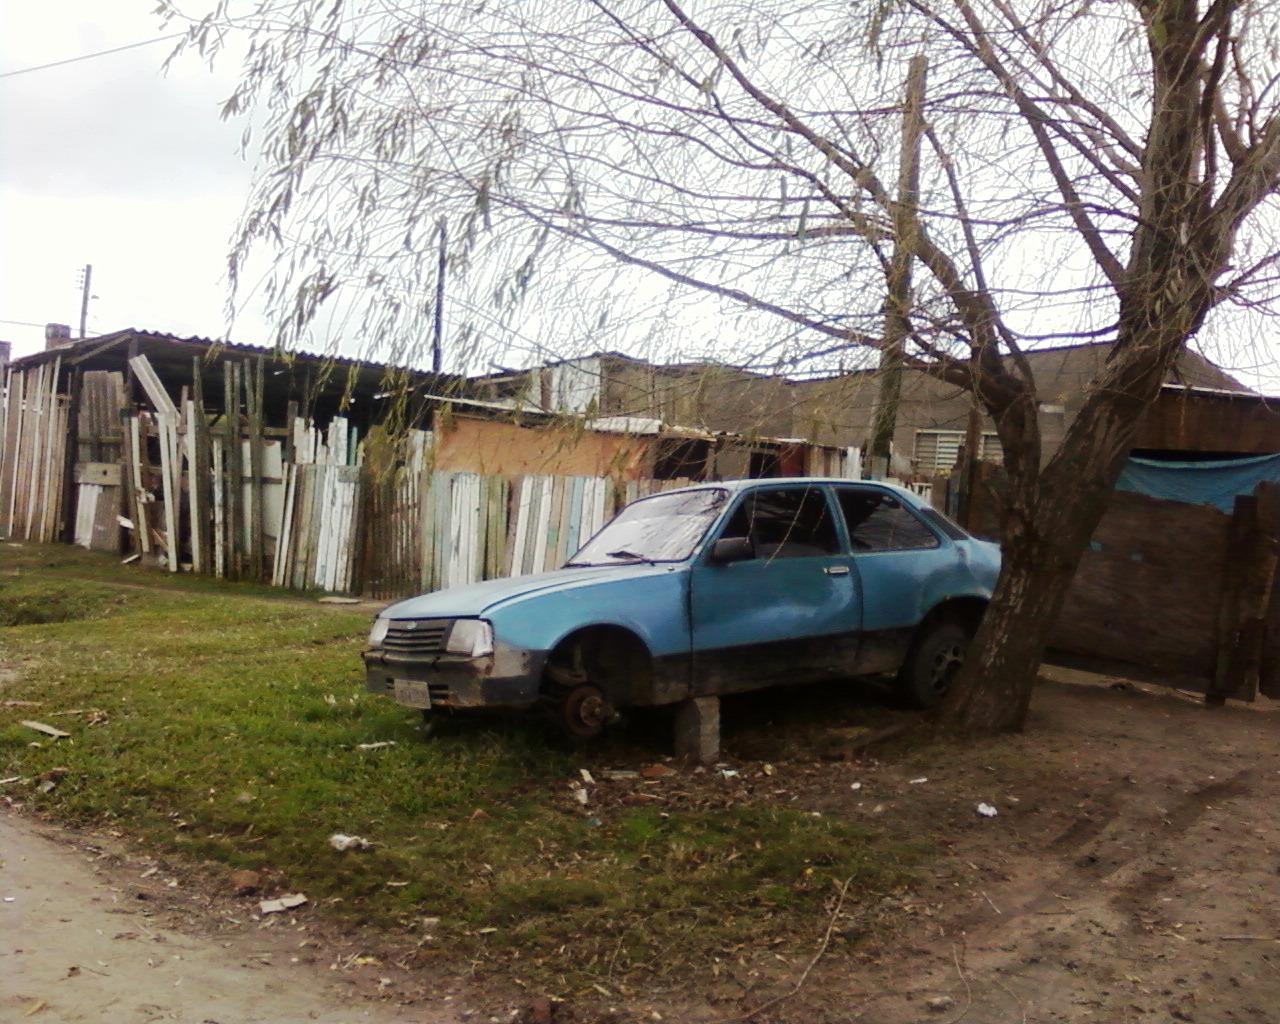 uchevette_sentinela_riogrande Chevrolet Chevette